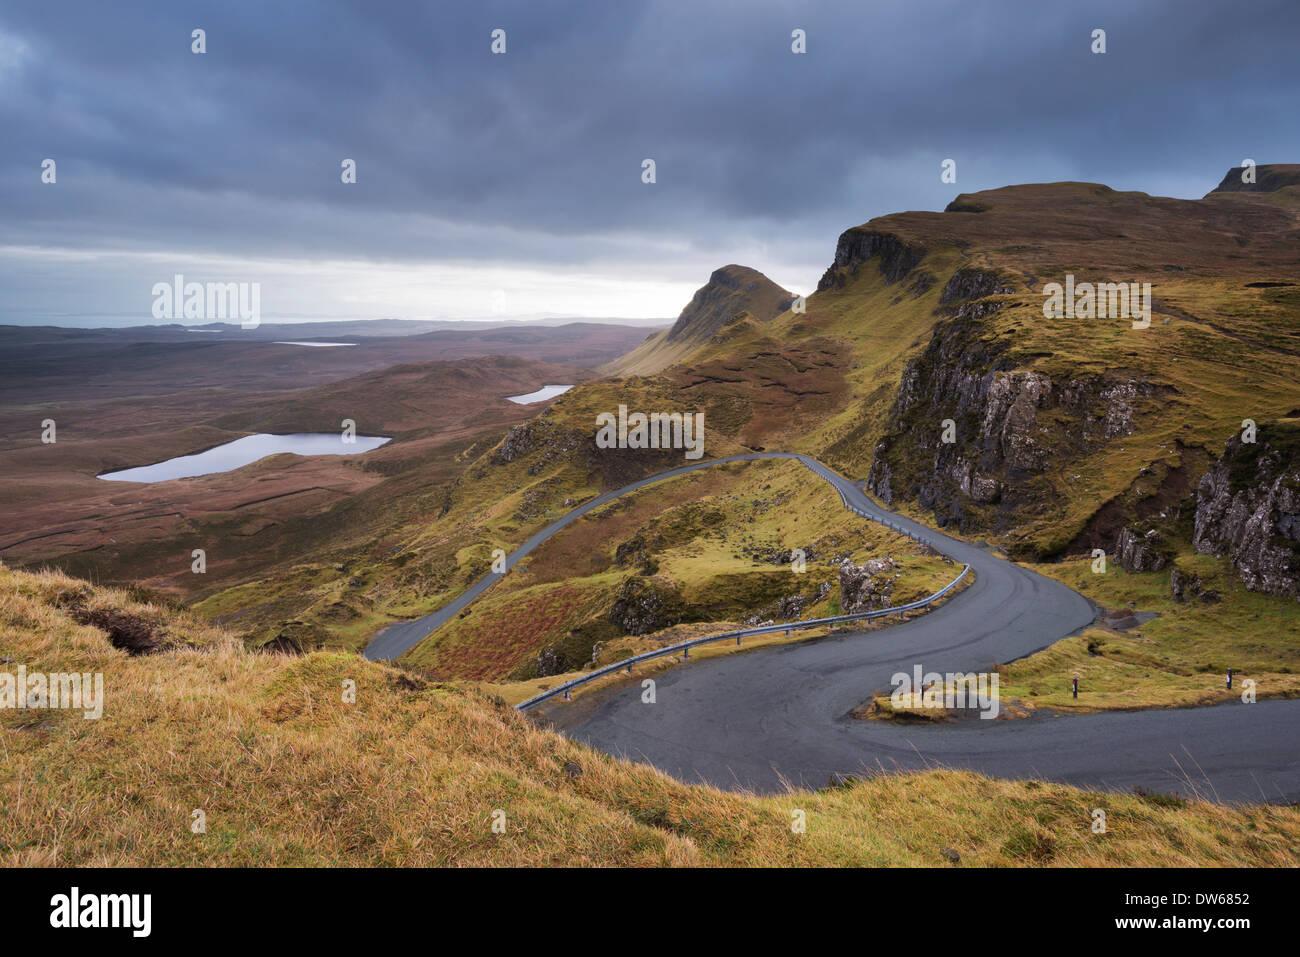 Route sinueuse menant à travers les montagnes, Quiraing, île de Skye, en Ecosse. Hiver (décembre) 2013. Photo Stock